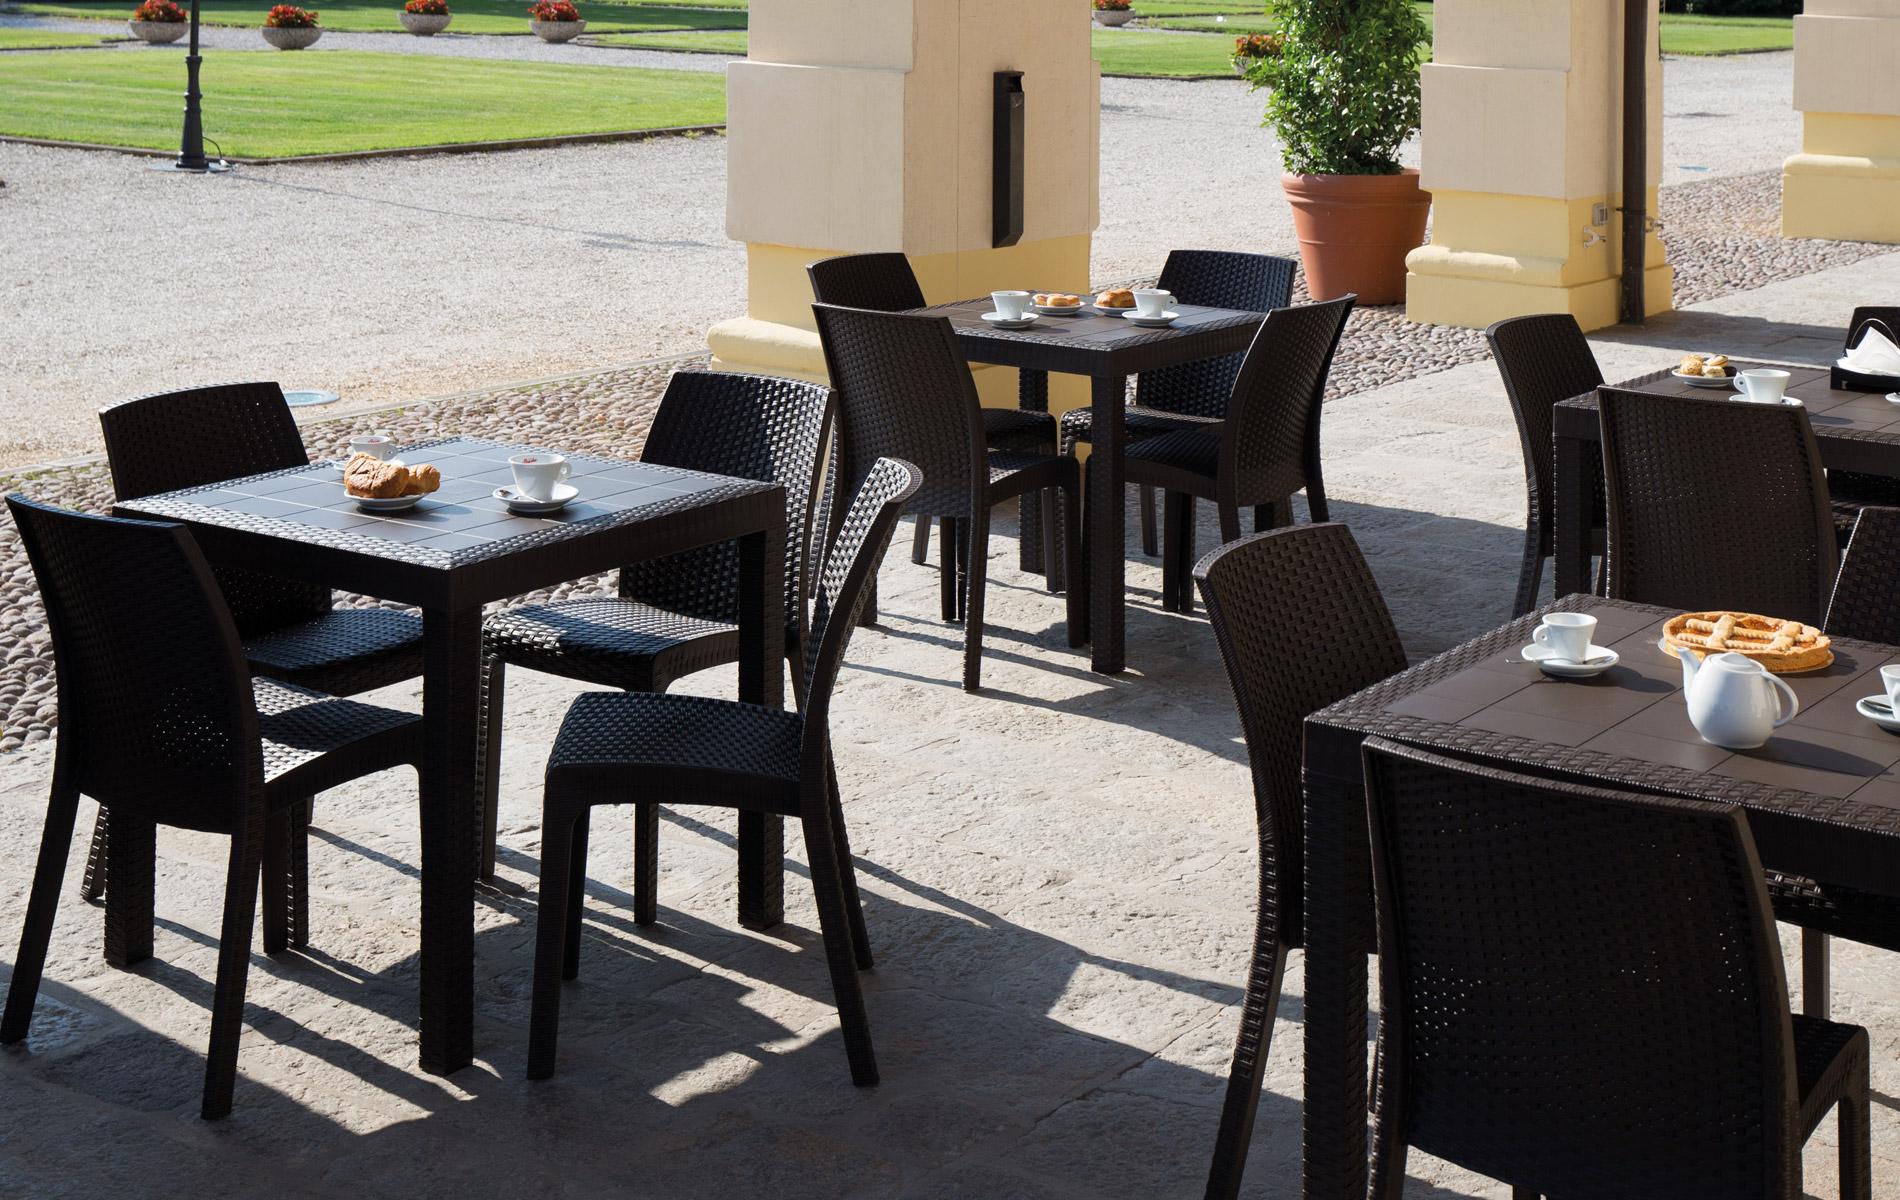 Tavolo quadrato con 4 sedie senza bracciolo dallas virginia ws